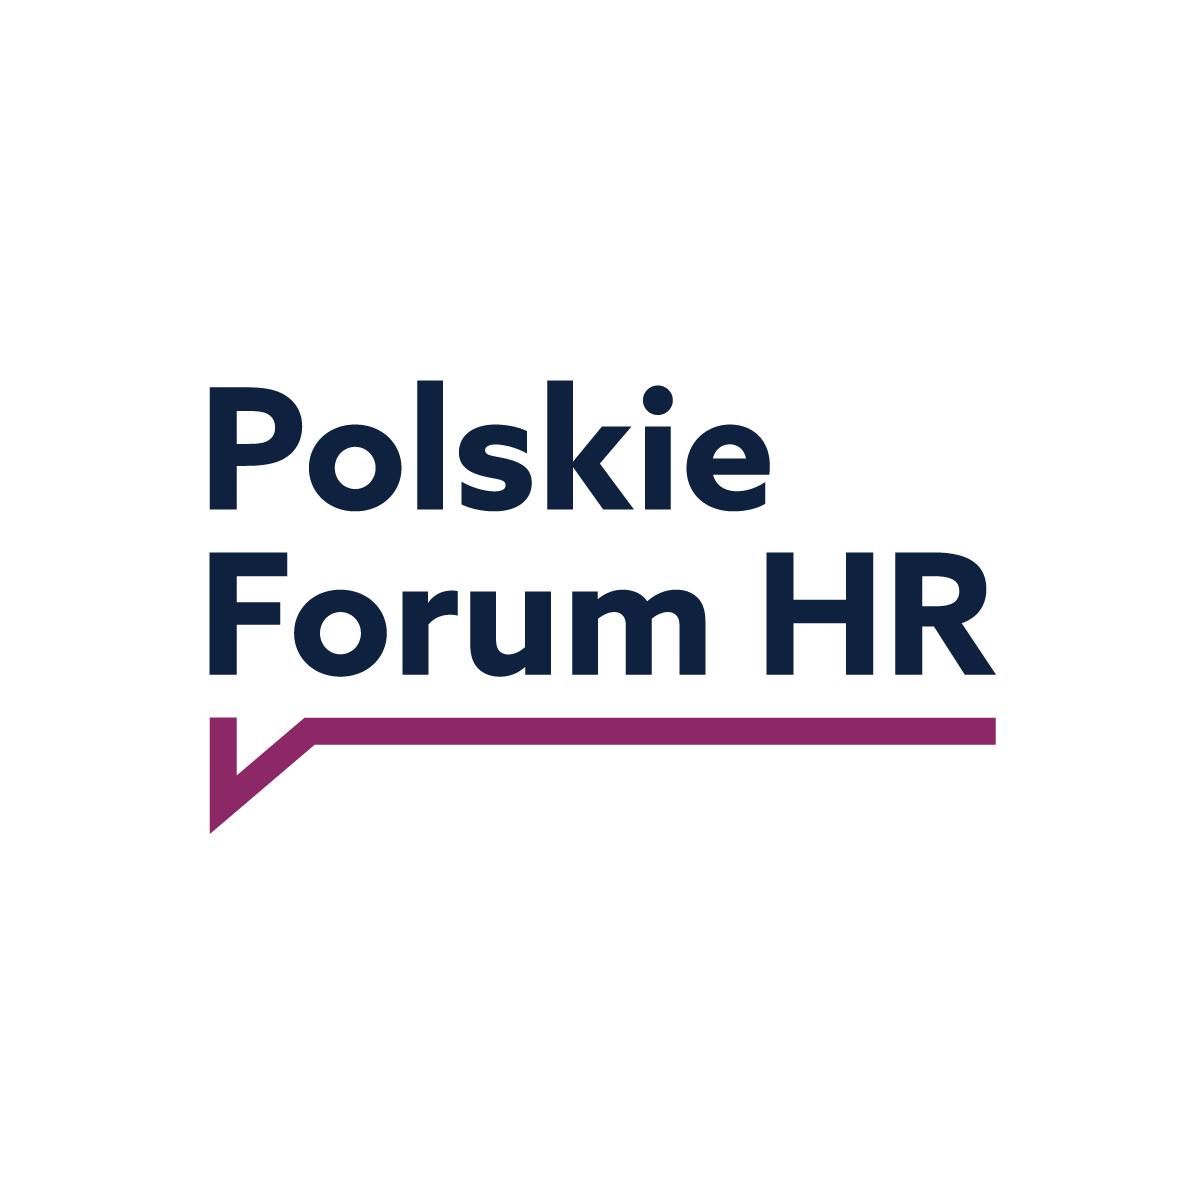 Polskie Forum HR